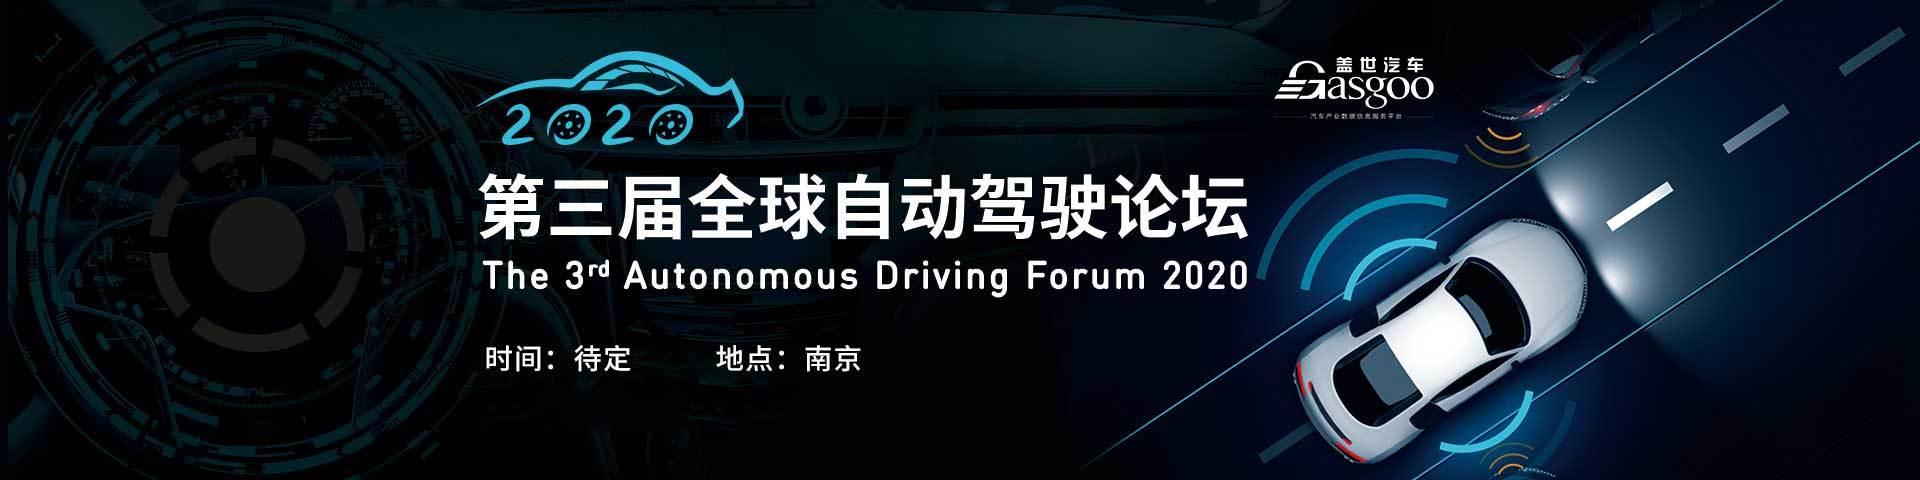 2020第三届全球自动驾驶论坛